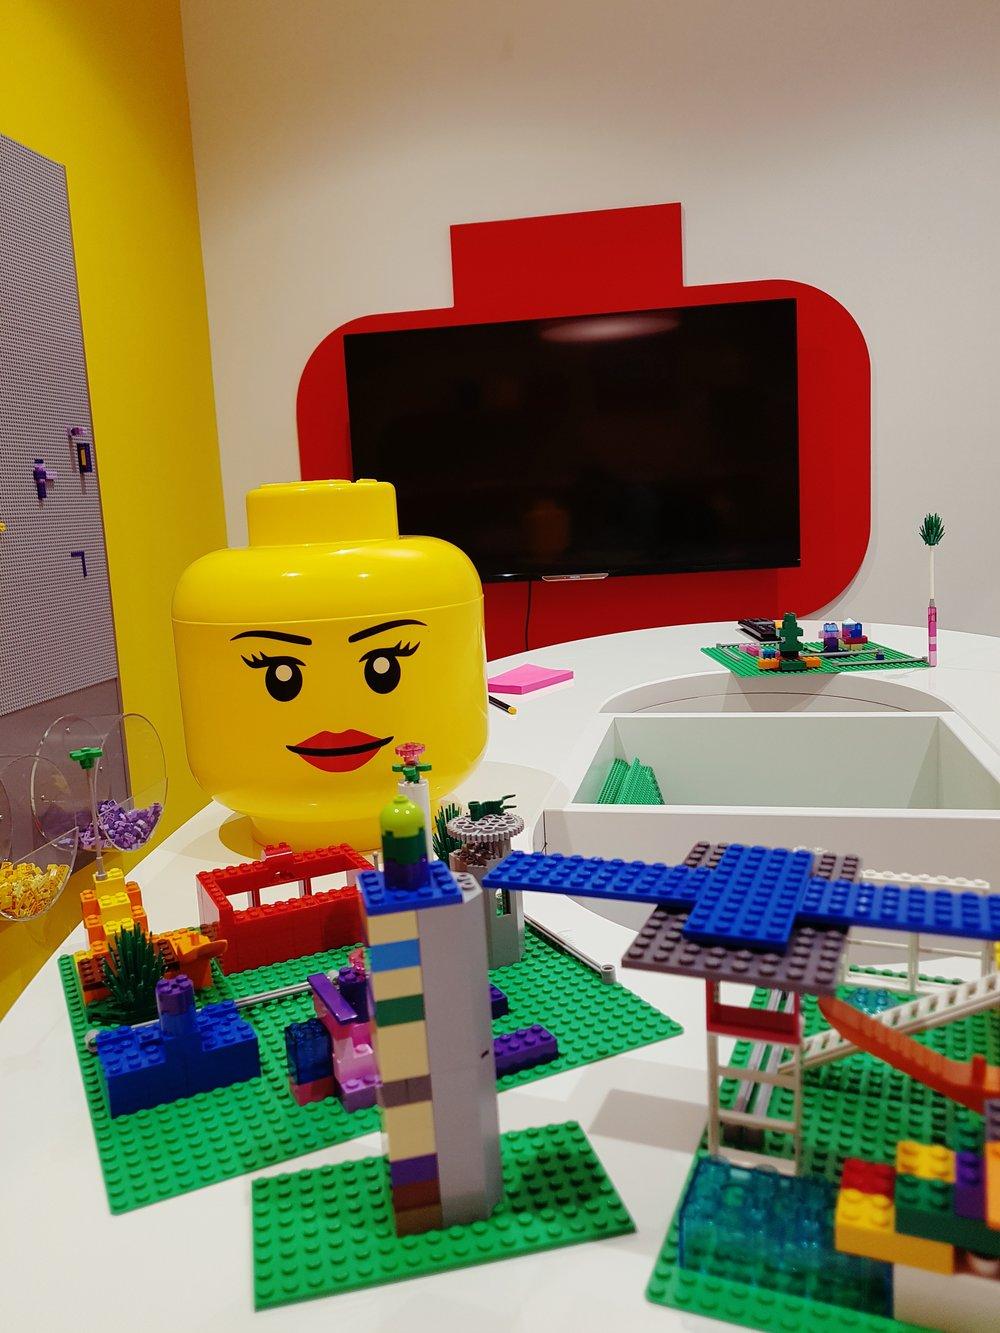 Lego room trivago campus